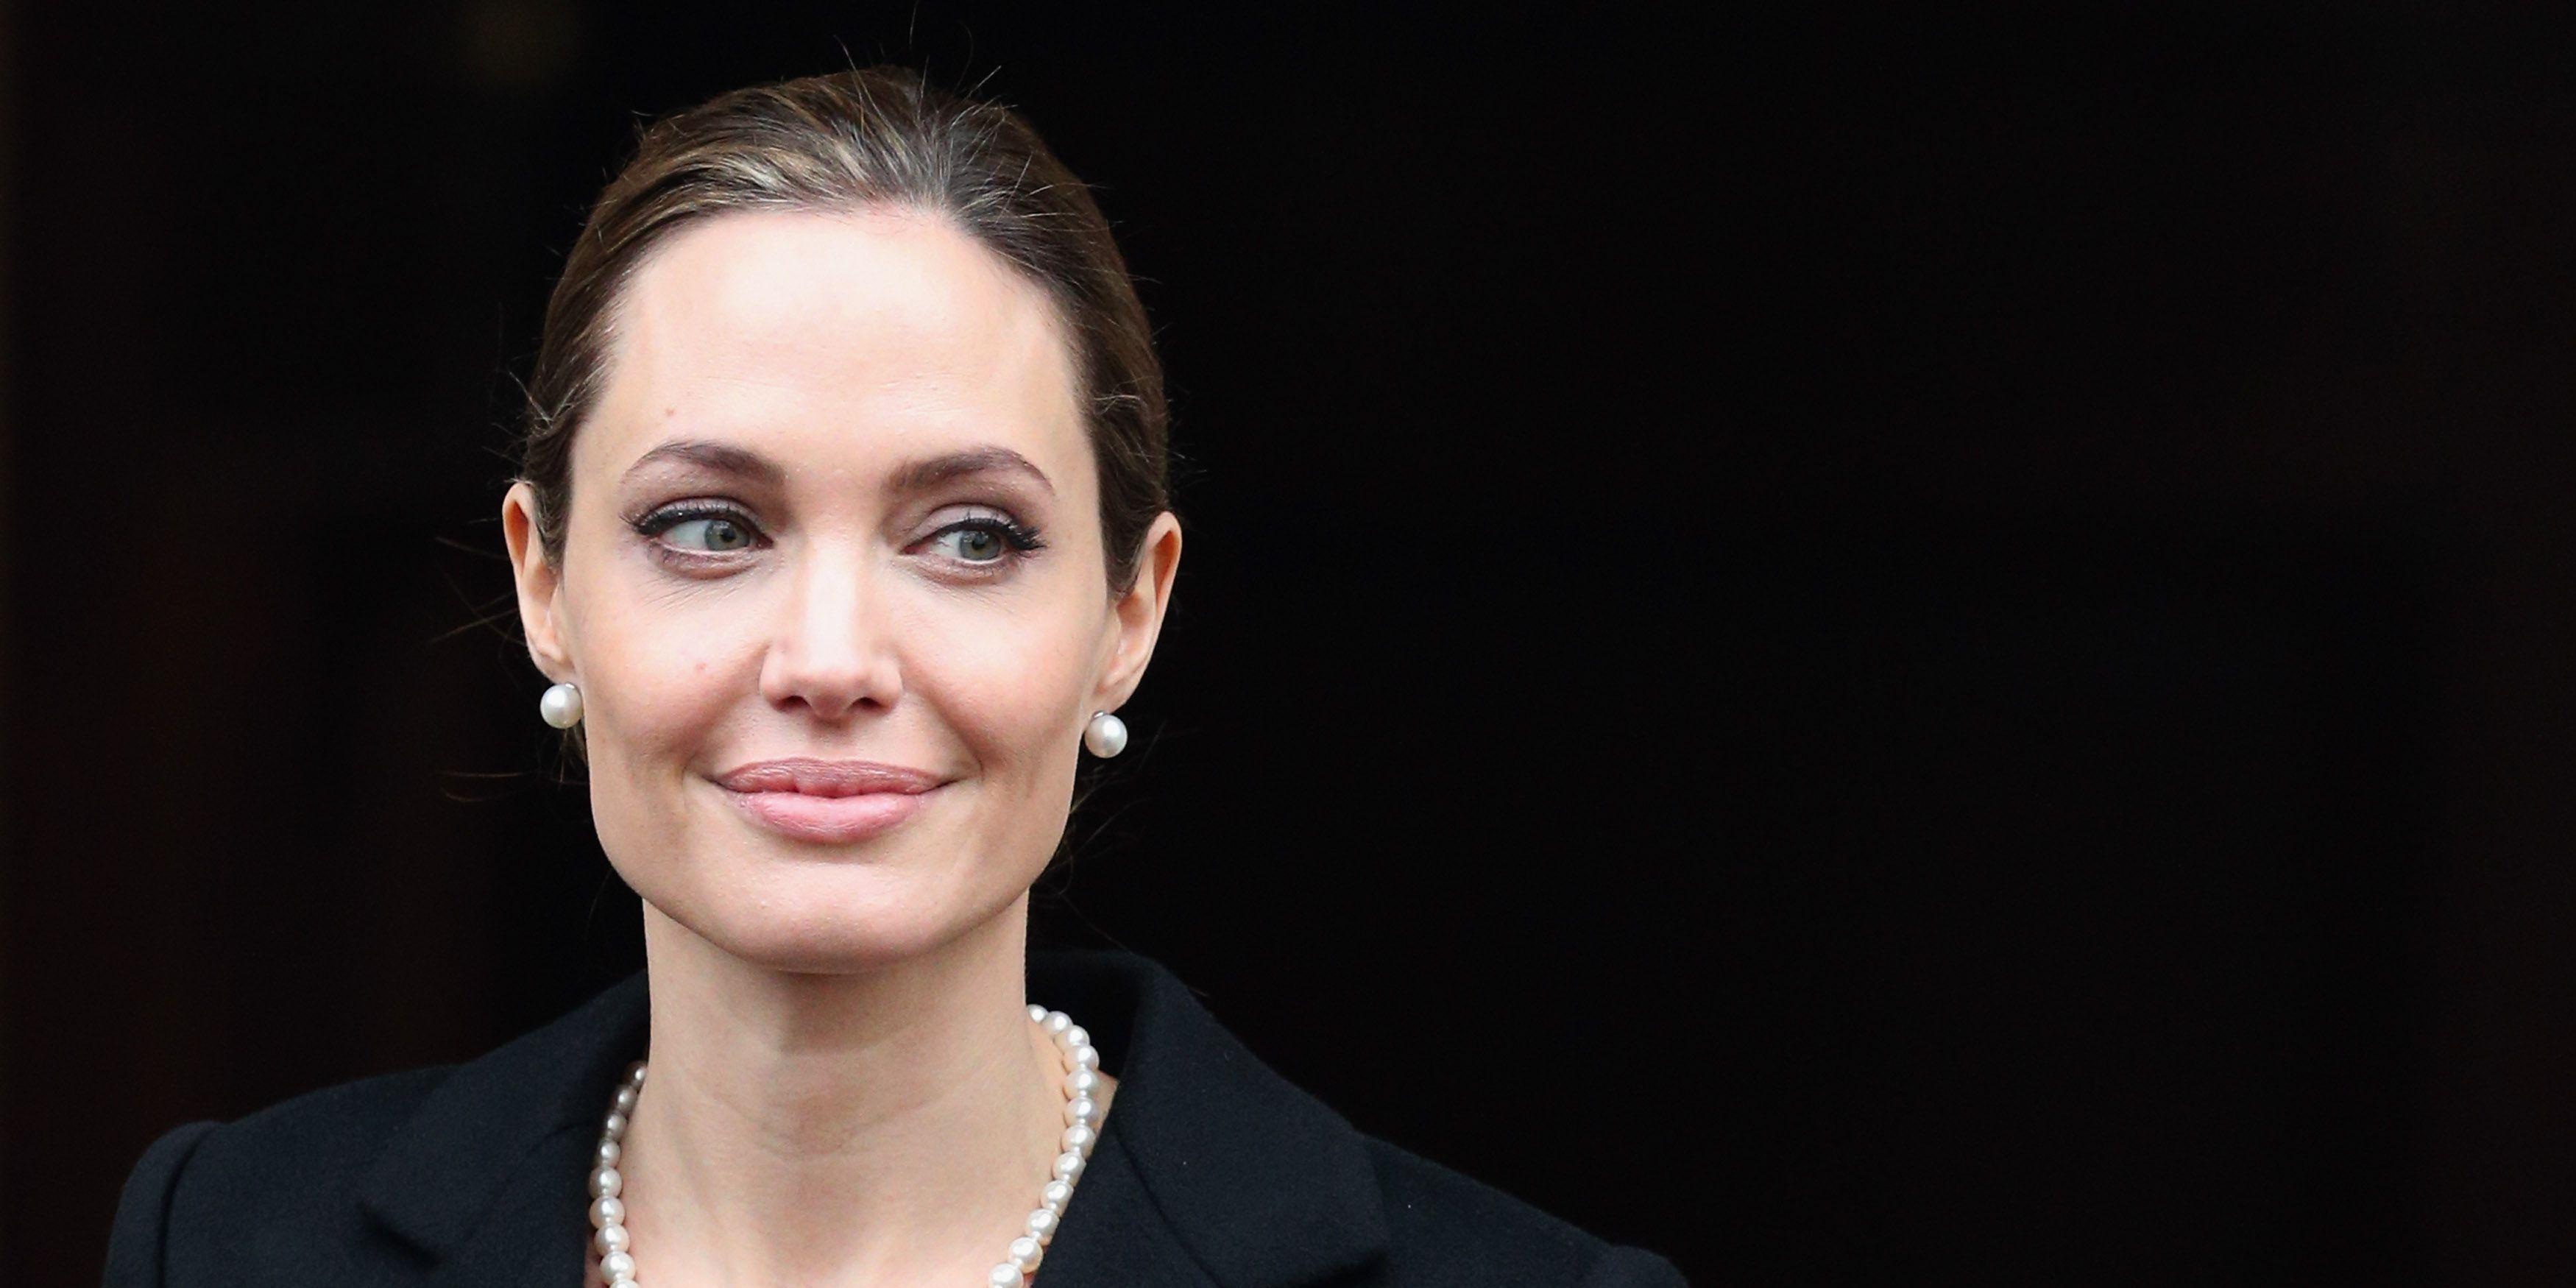 Angelina Jolie for president